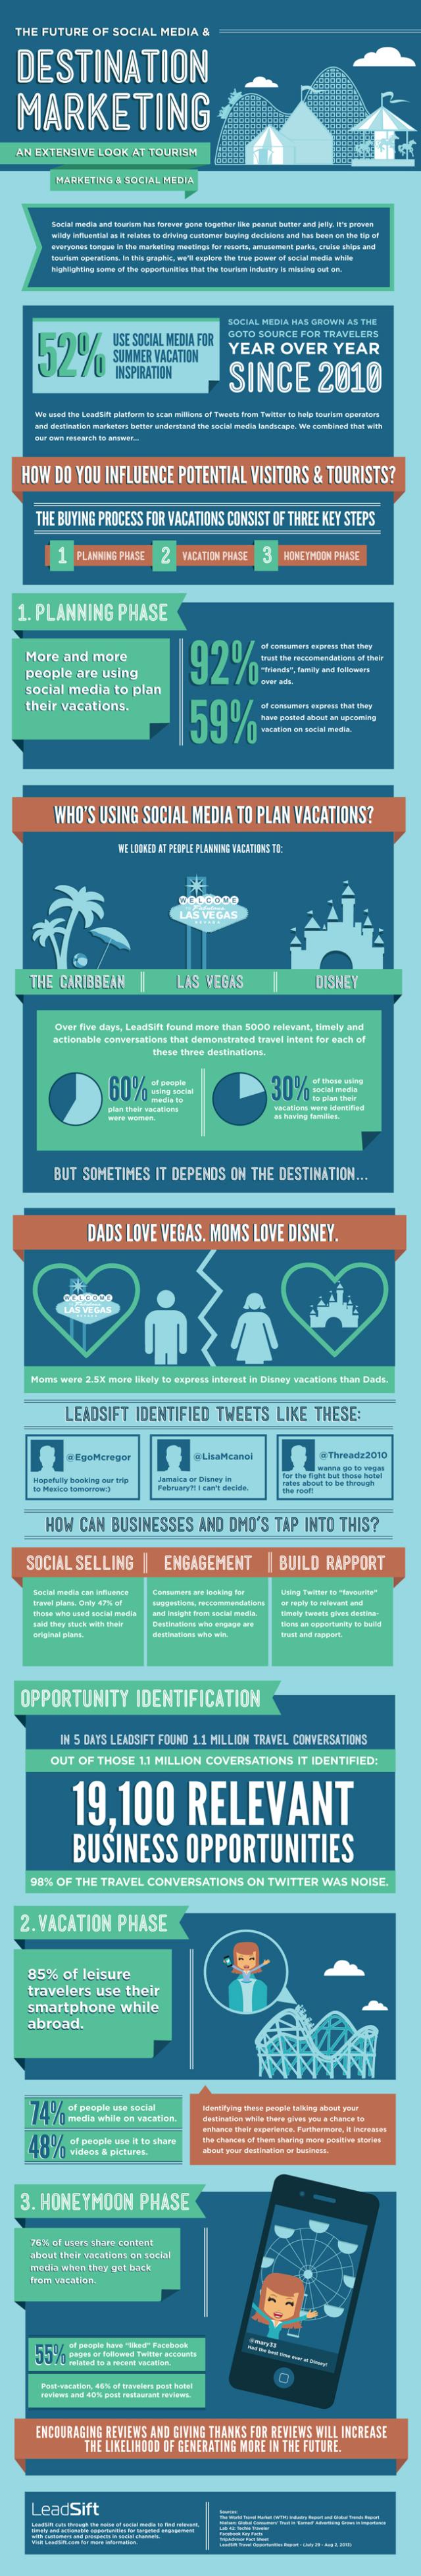 Redes Sociales Y Marketing De Destinos Infographic Marketing Destination Marketing Social Media Infographic